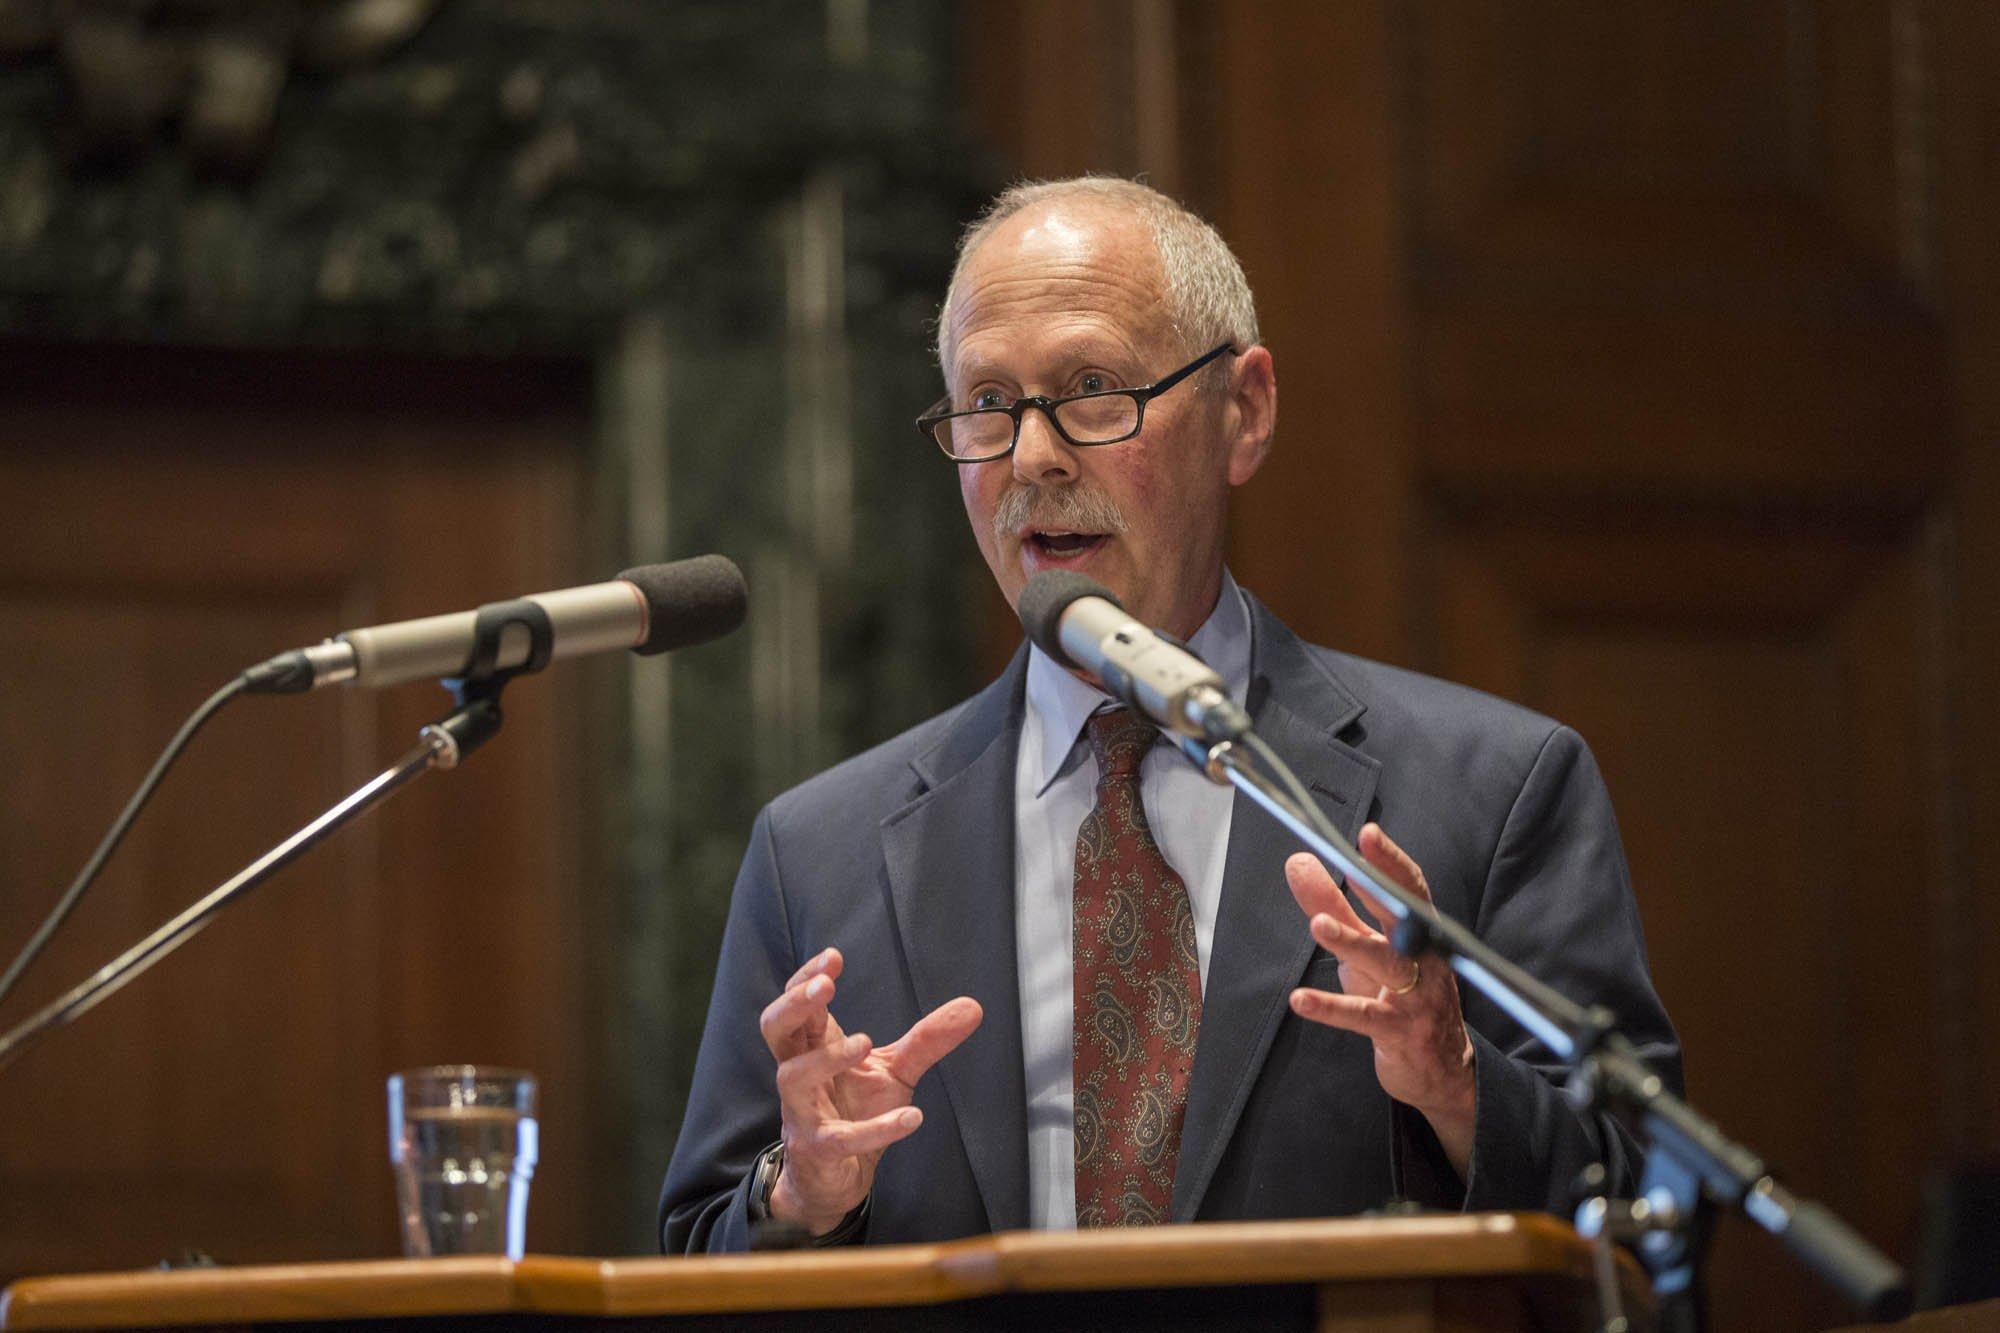 Profesor de Psiquiatría Joel E. Dimsdale